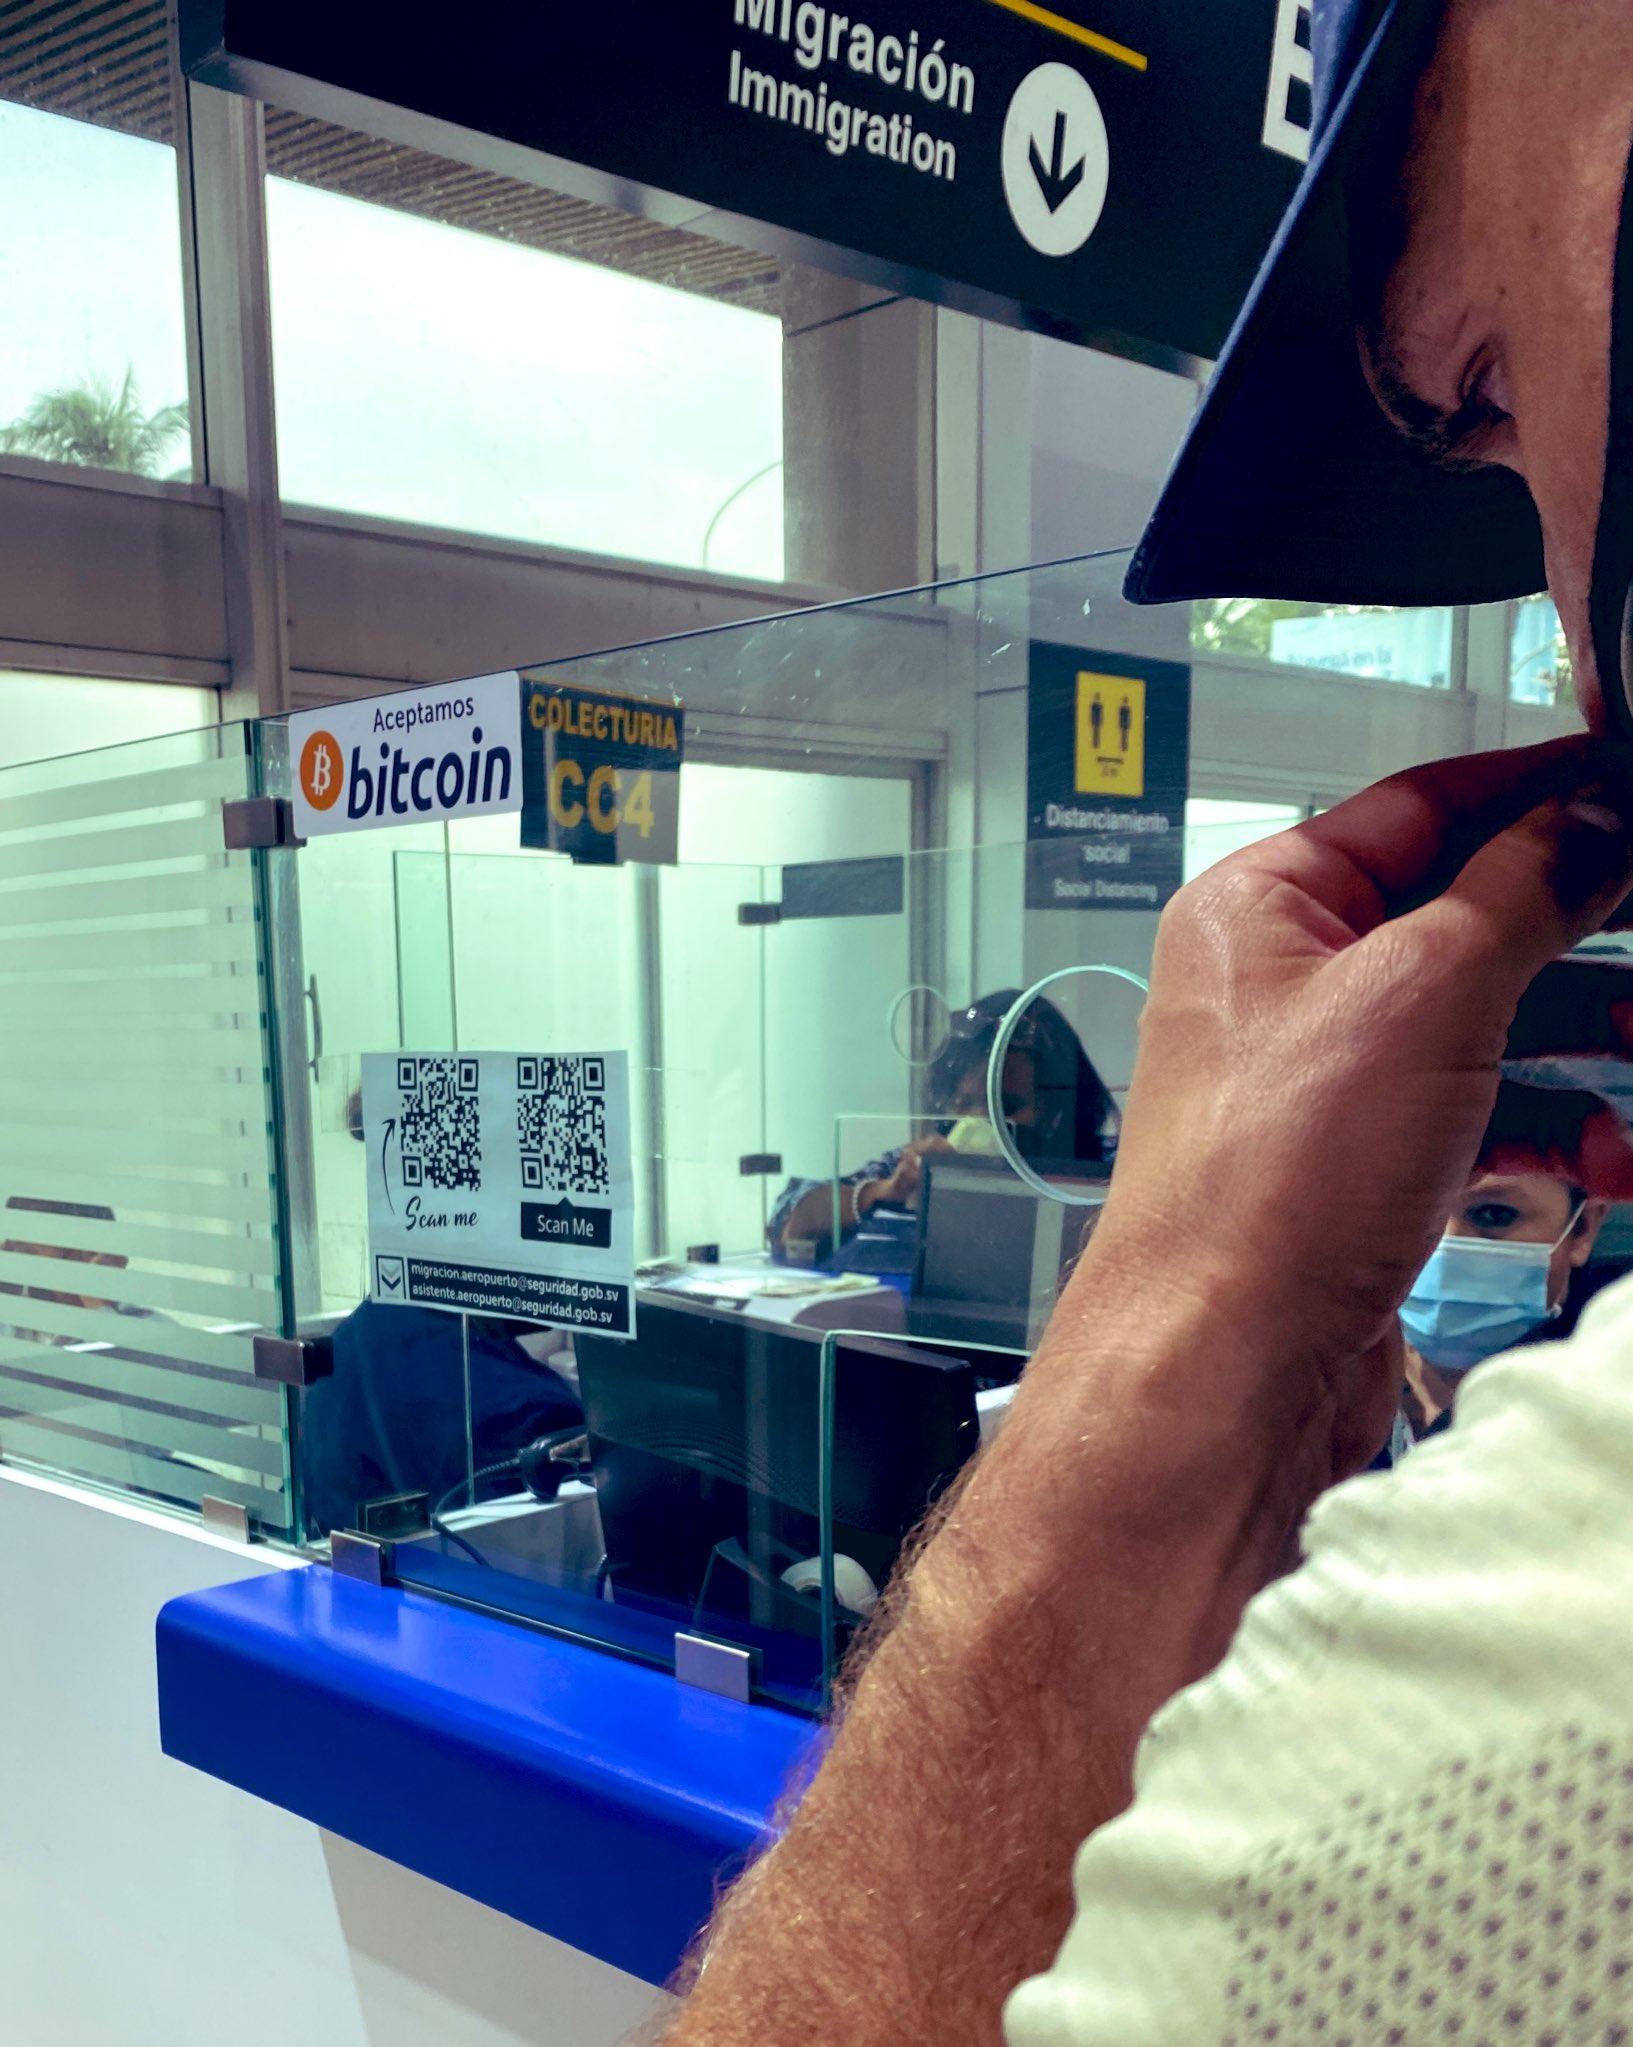 Customs in El Salvador also accepts Bitcoin